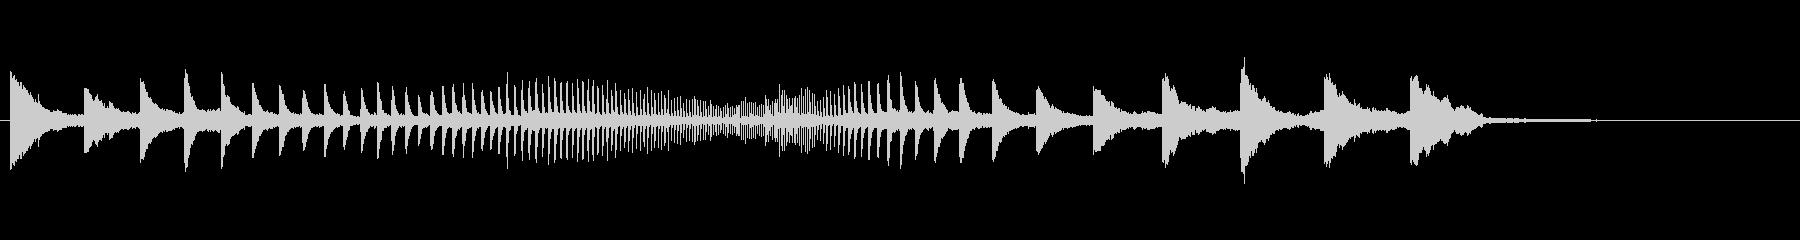 素材 Metal Hits Ris...の未再生の波形